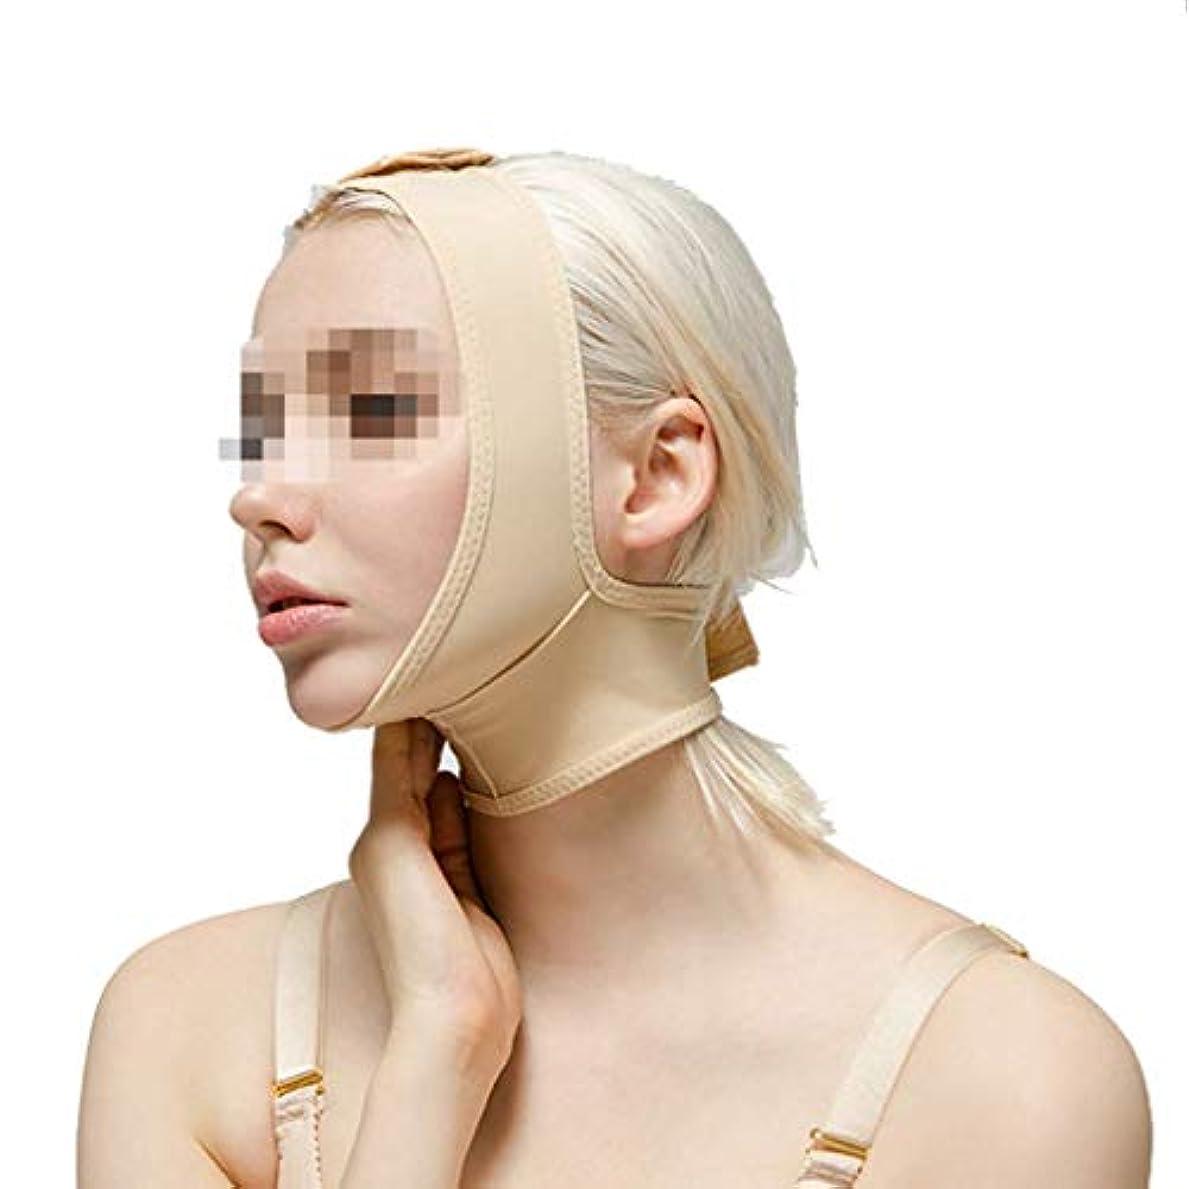 妊娠した特徴づける抽出術後伸縮性スリーブ、下顎束フェイスバンデージフェイシャルビームダブルチンシンフェイスマスクマルチサイズオプション(サイズ:L),XXL